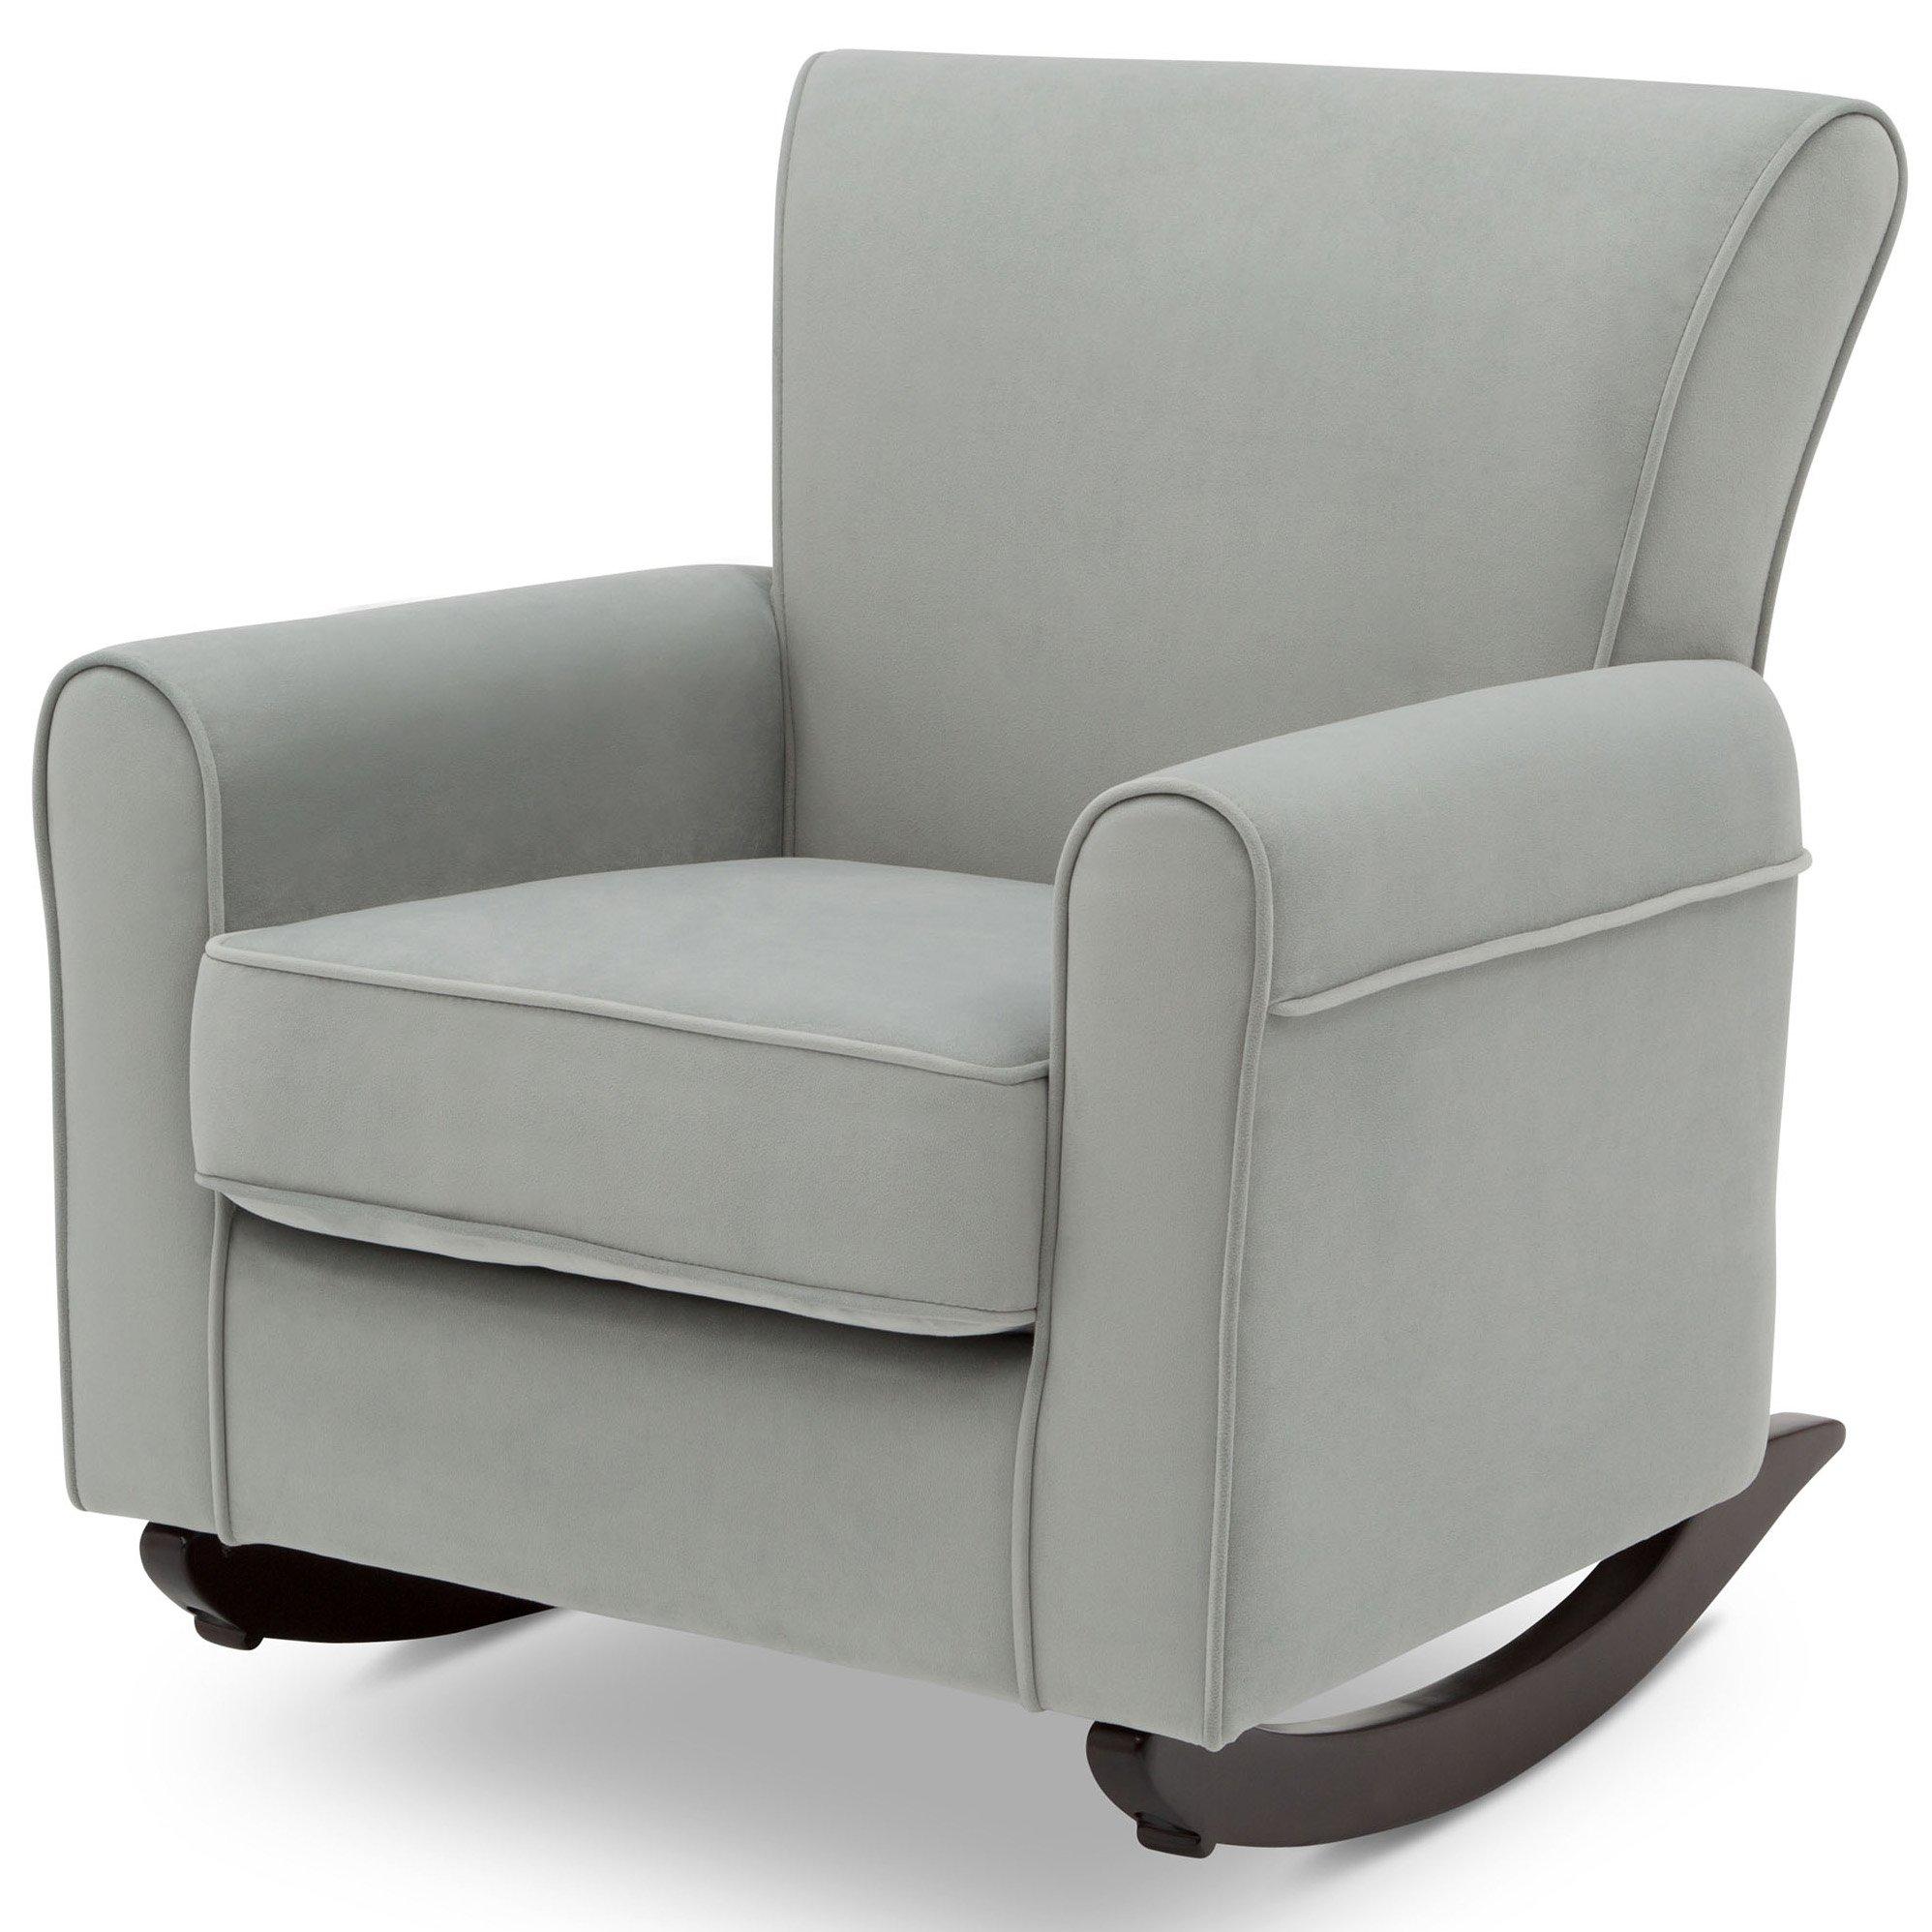 Delta Children Lancaster Rocking Chair Featuring Live Smart Fabric, Mist by Delta Children